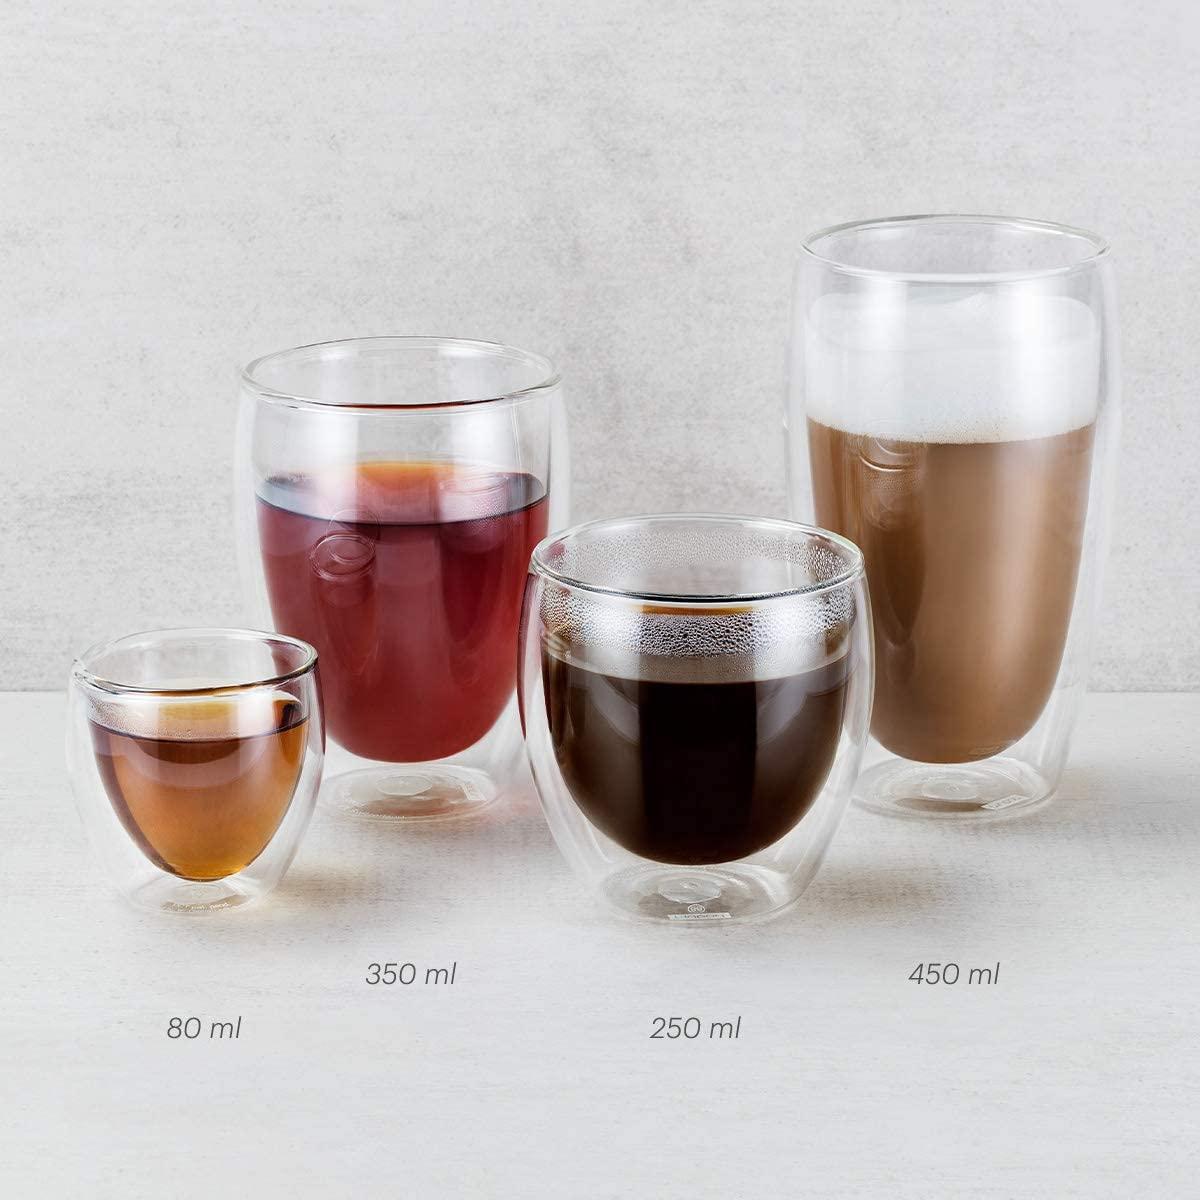 PAVINA(パヴィーナ) ダブルウォールグラス  2個セット 350ml  4559-10Jの商品画像2